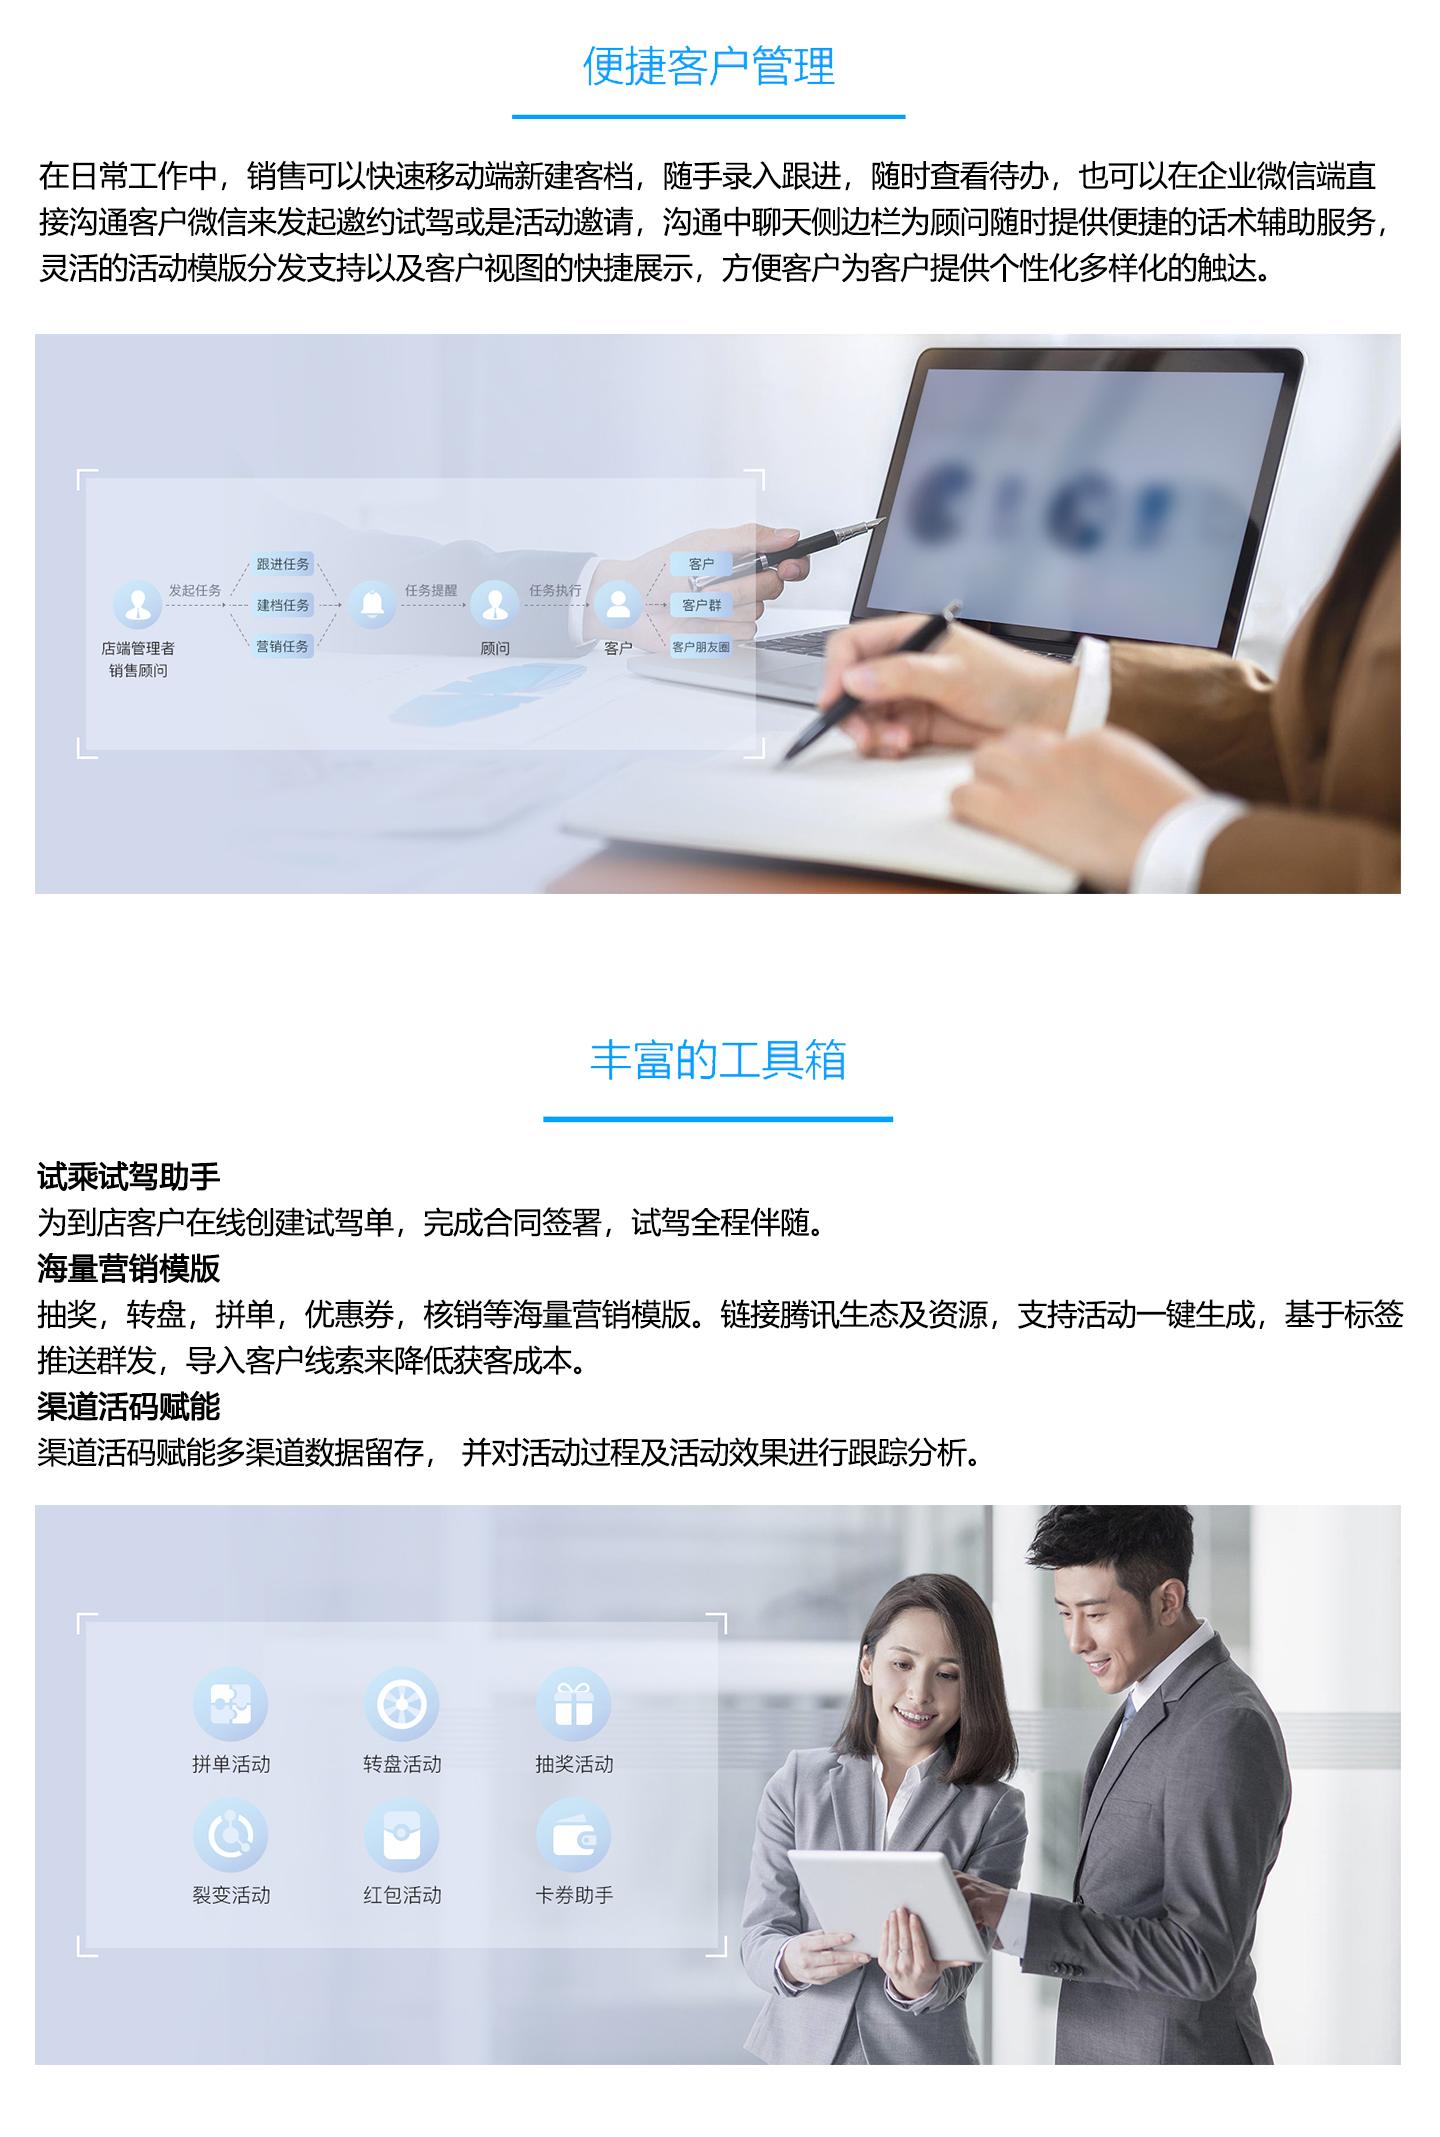 企业微信汽车行业版-WAV-1440_03.jpg